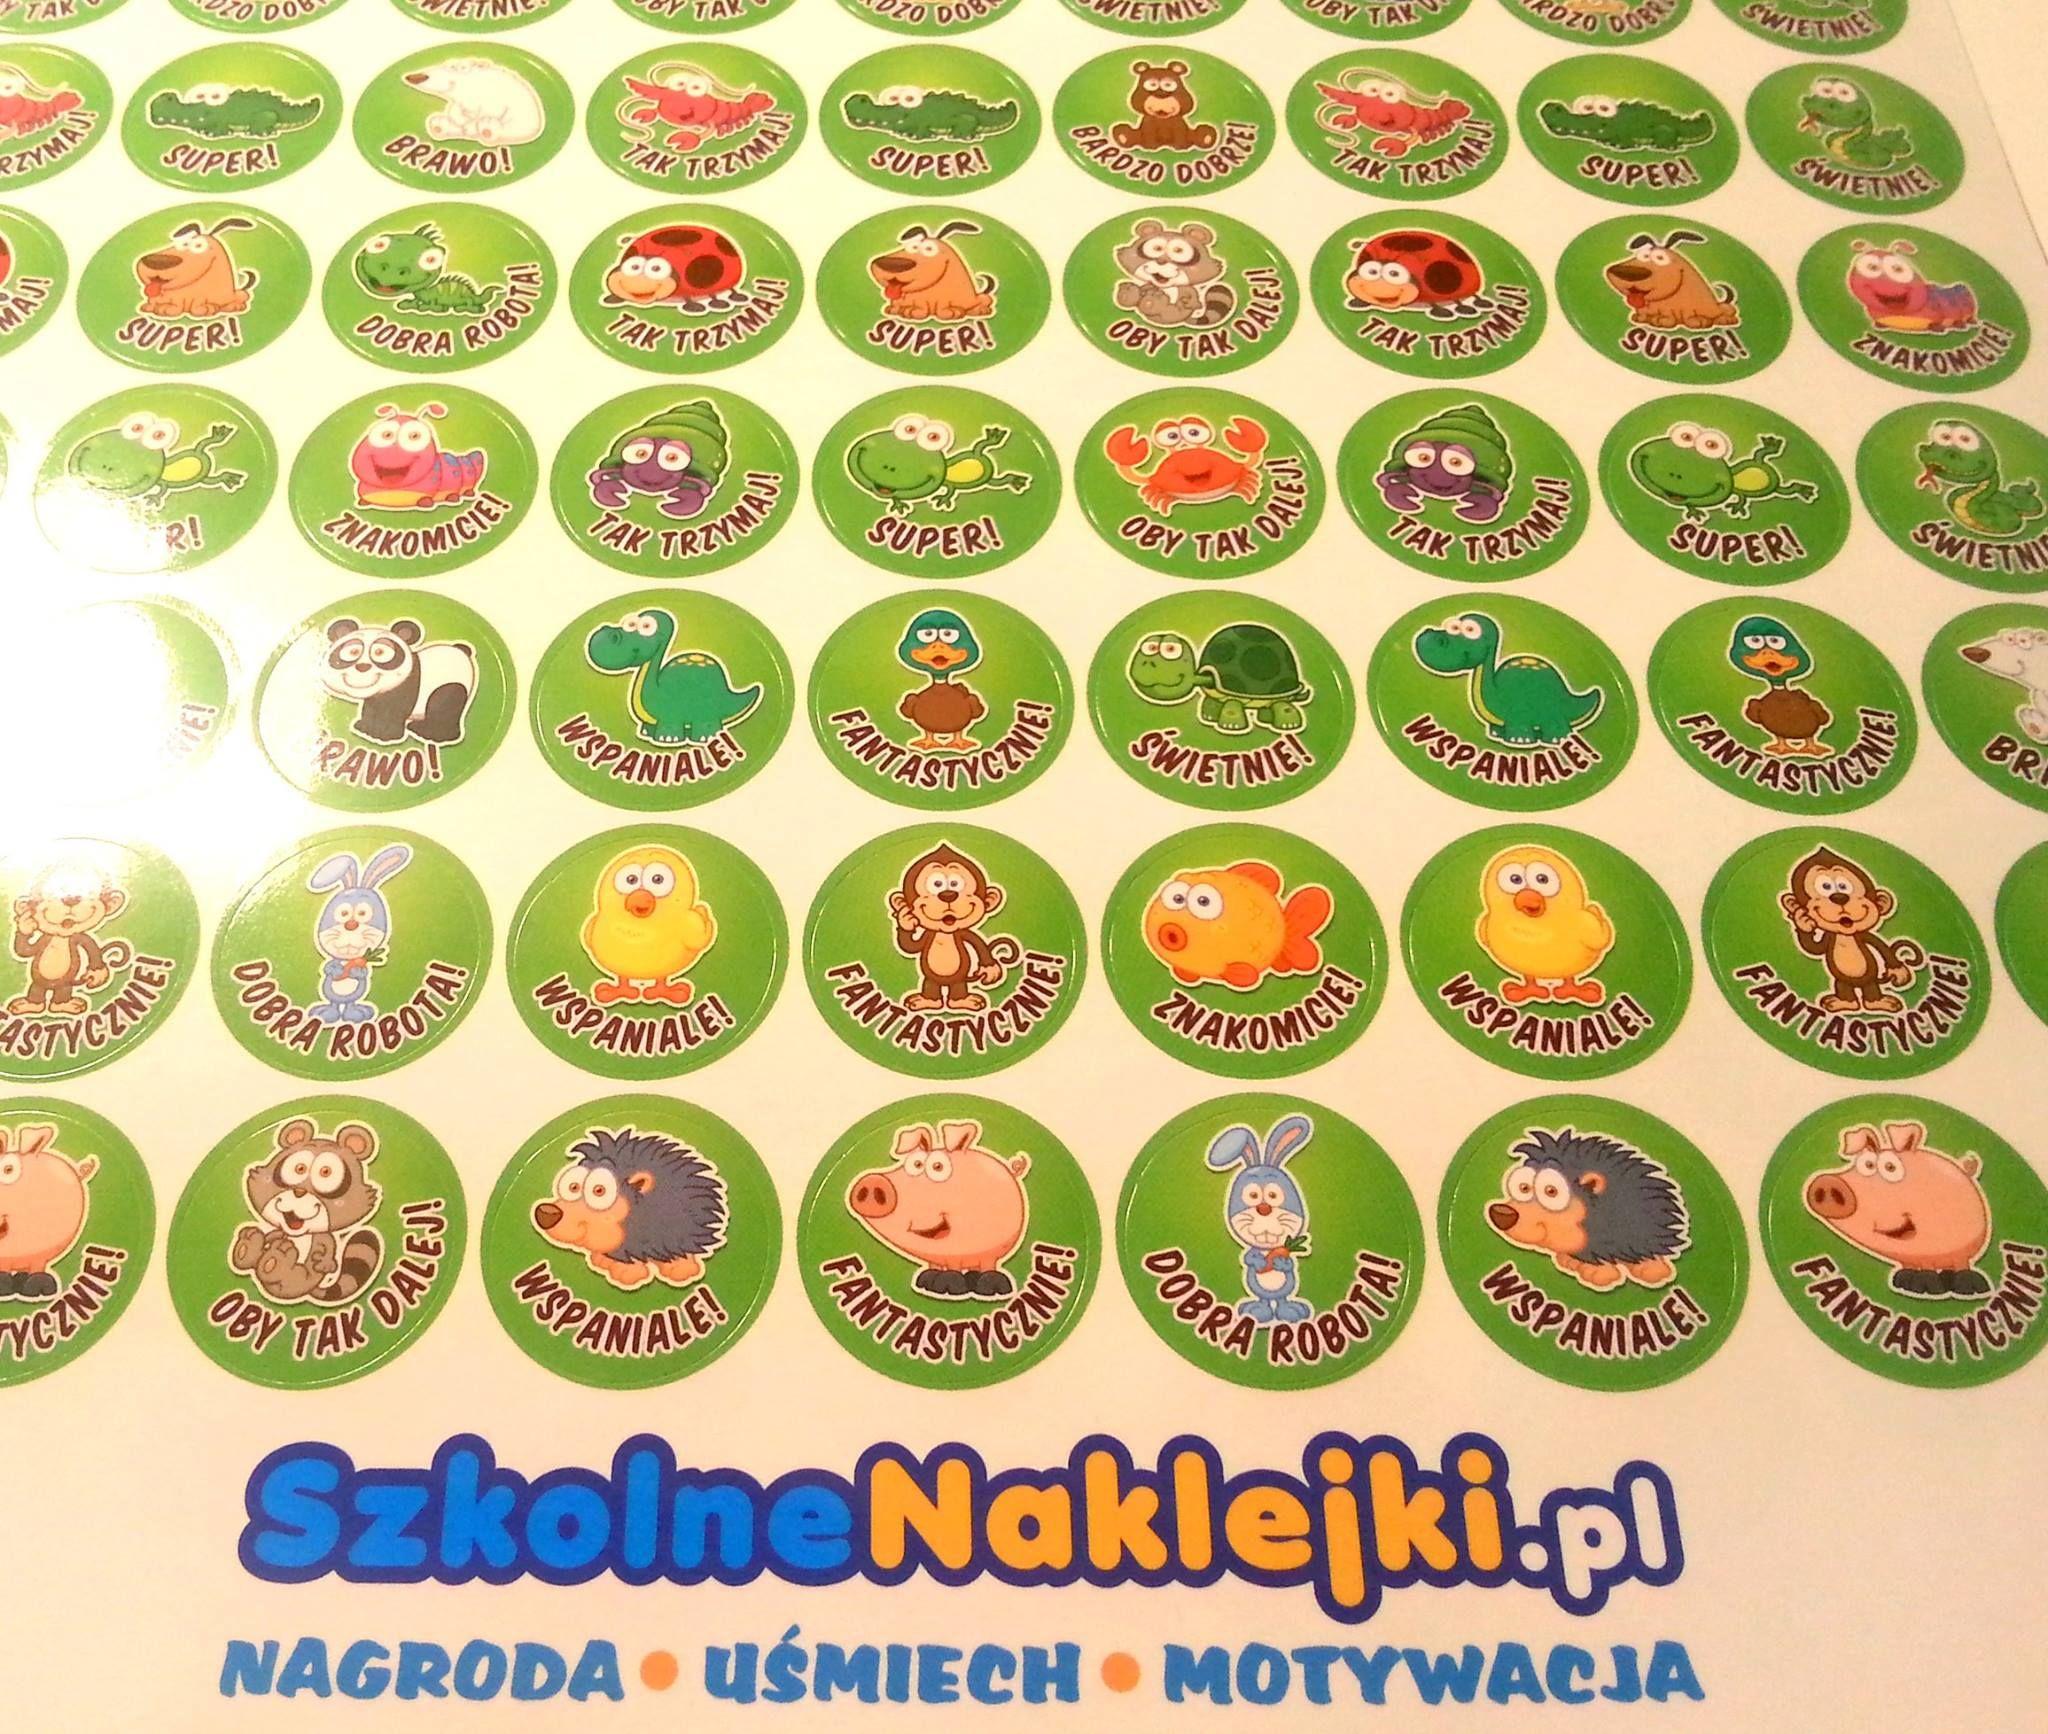 Male Naklejki Motywacyjne Mini Zwierzaczki Z Napisami W Jezyku